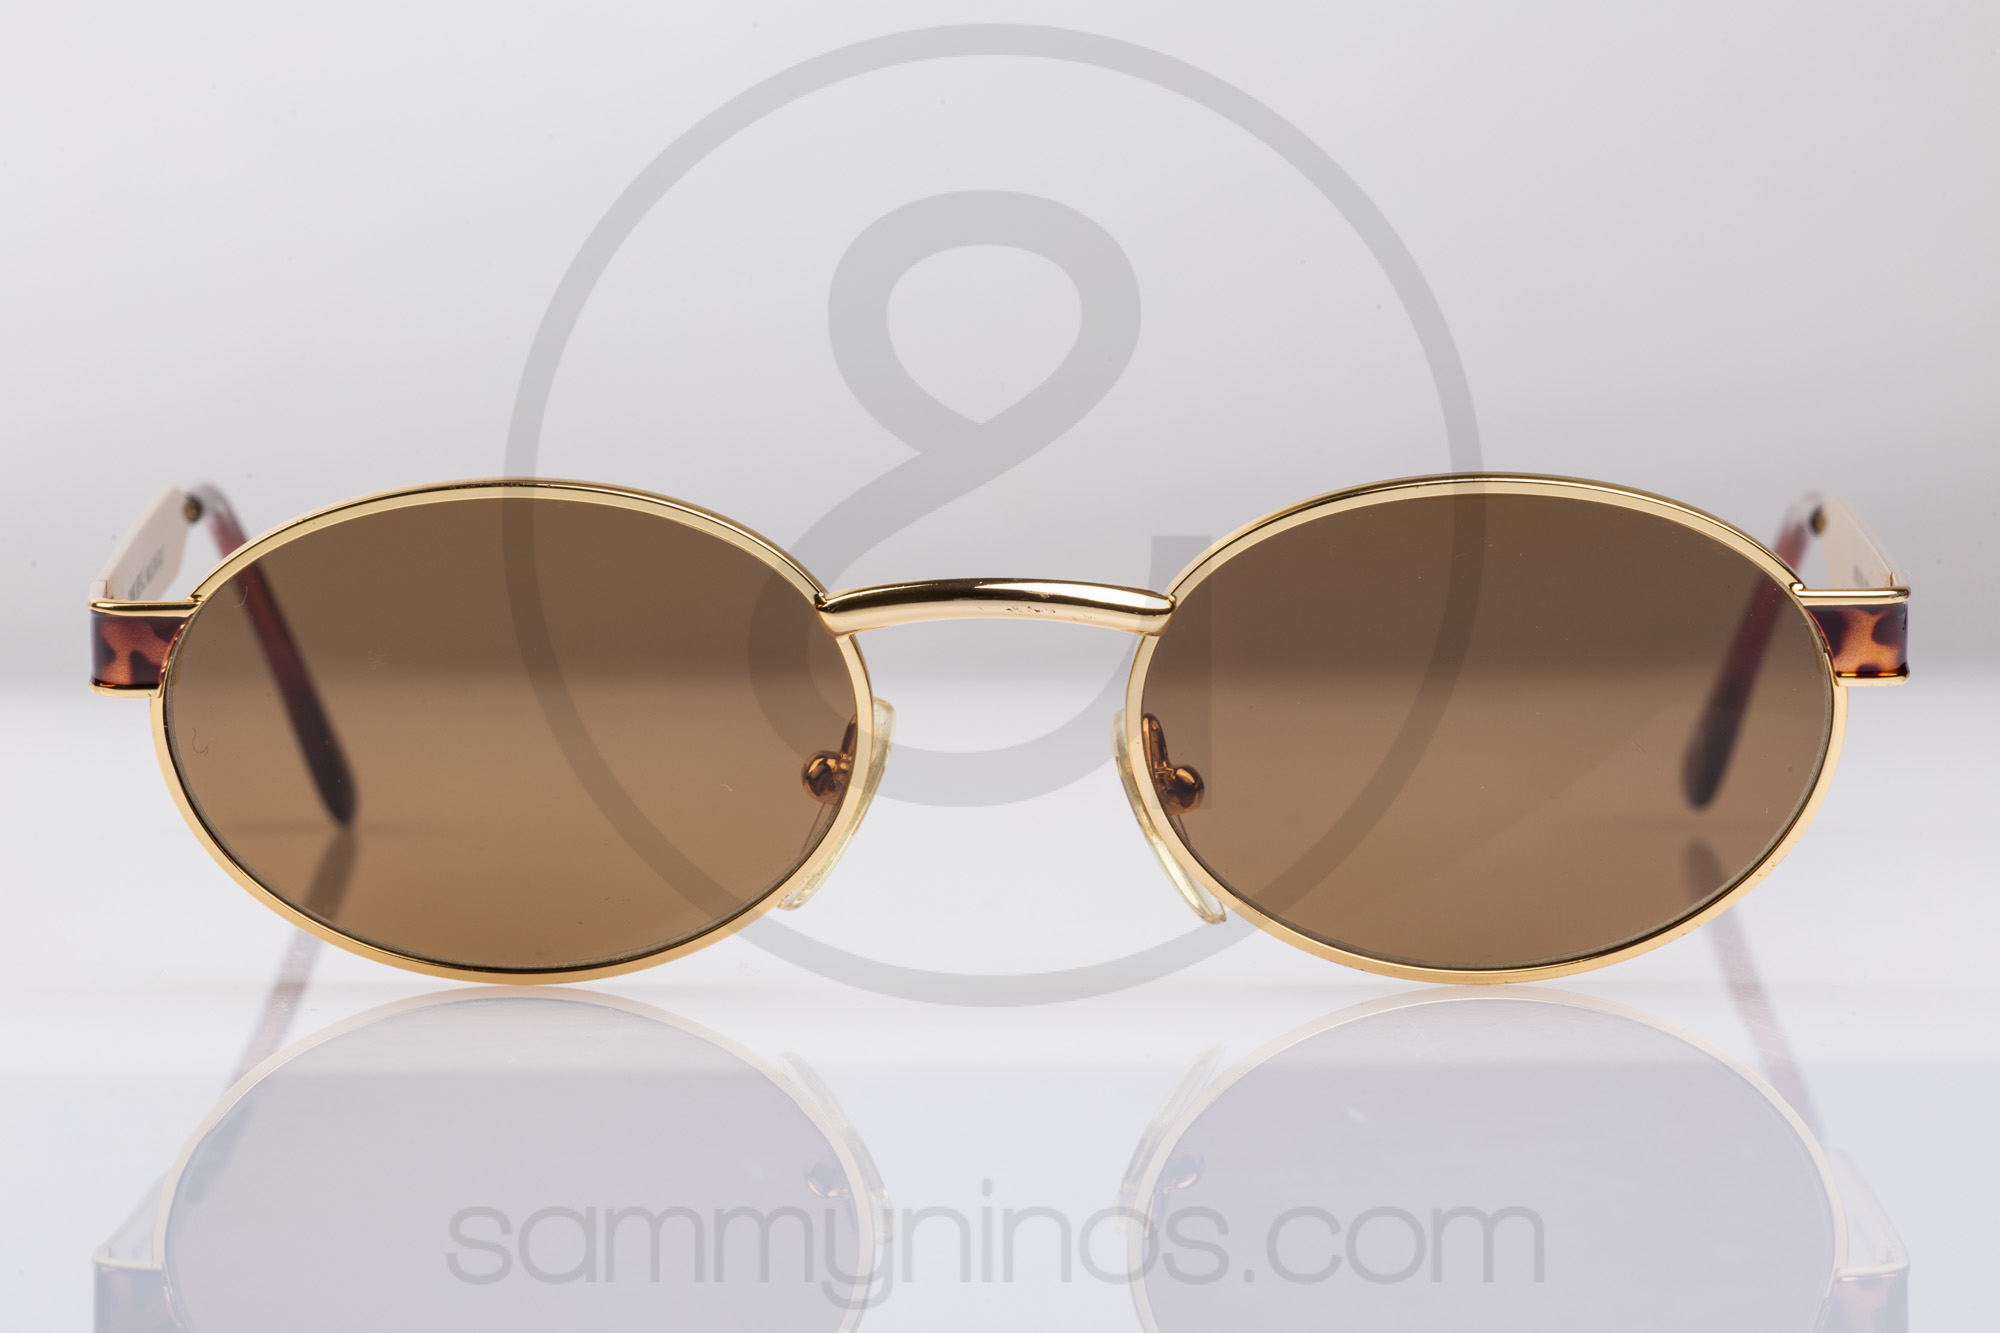 Gianni Versace S58 54m Sammy Ninos Store